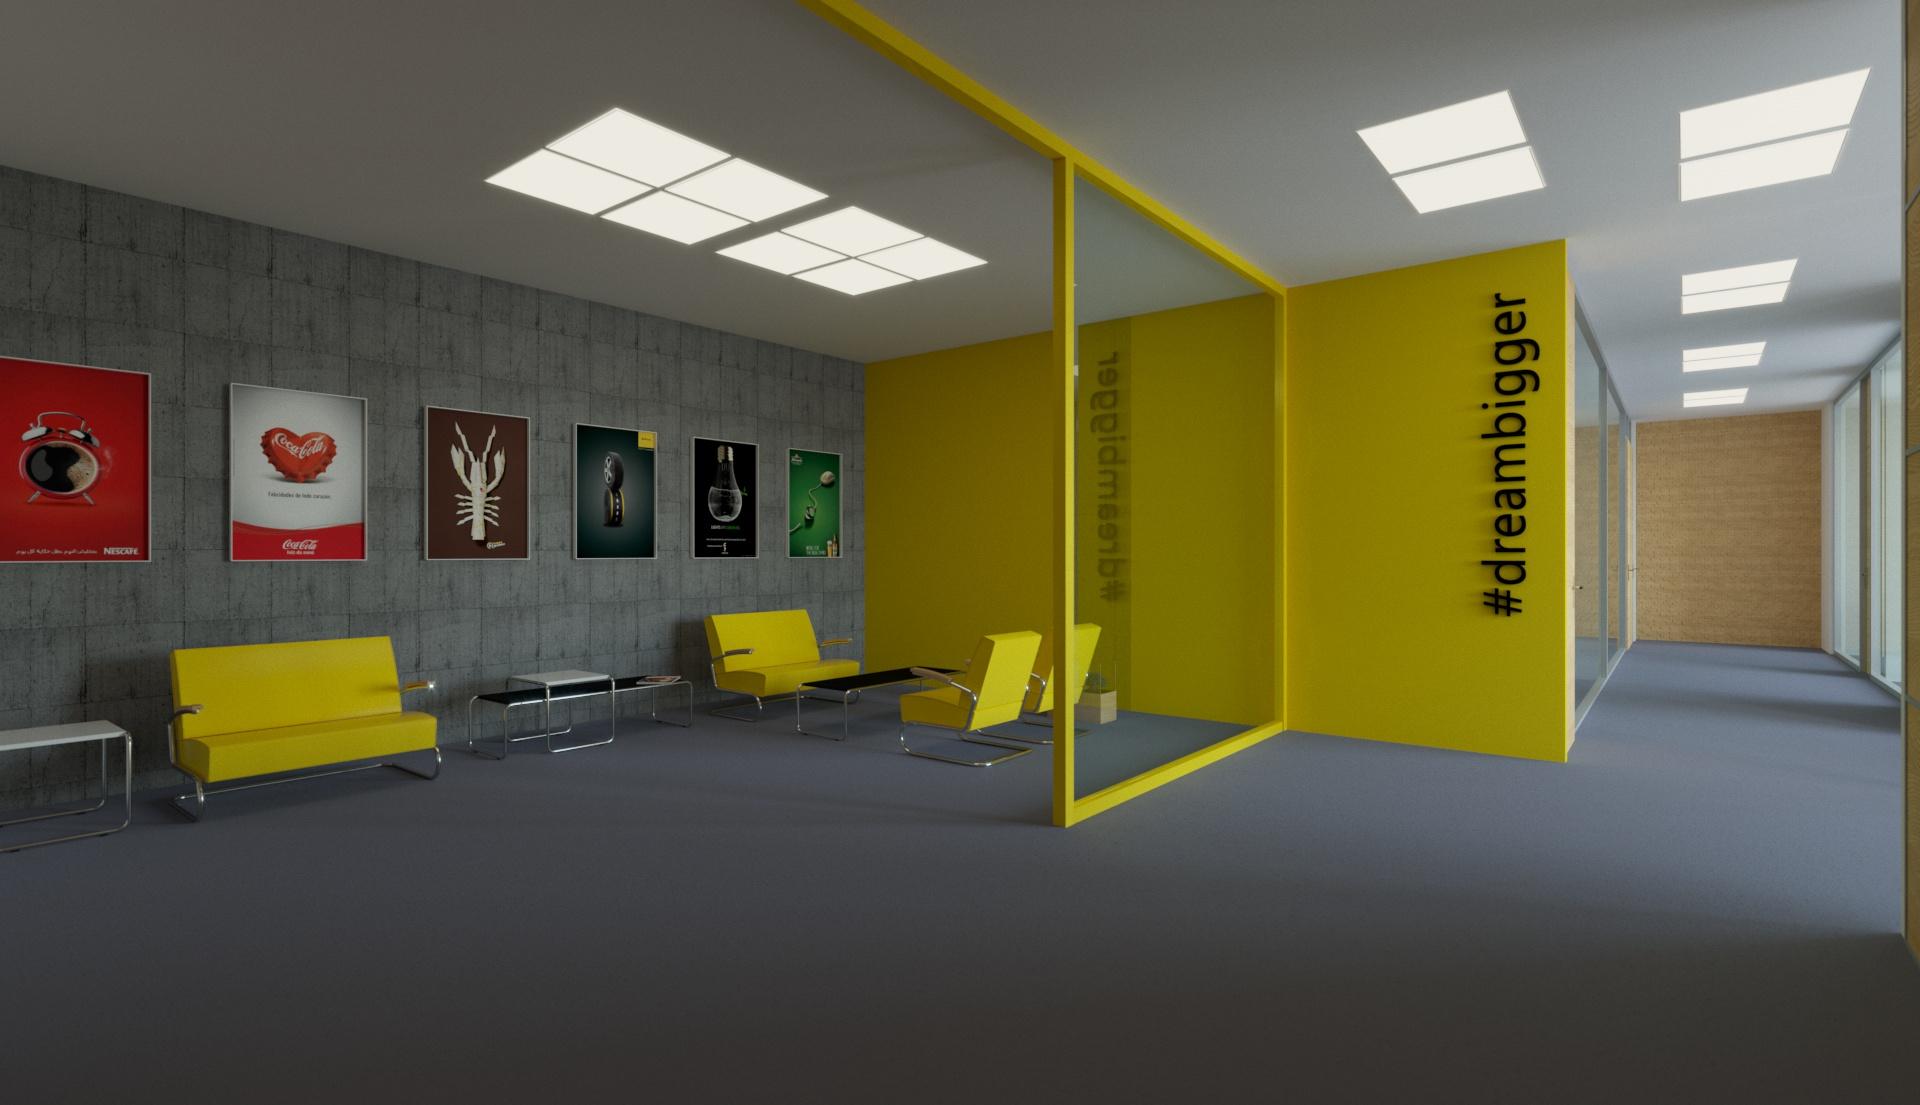 Michele scarpellini architettura design e cinema 4d for Architetto brescia